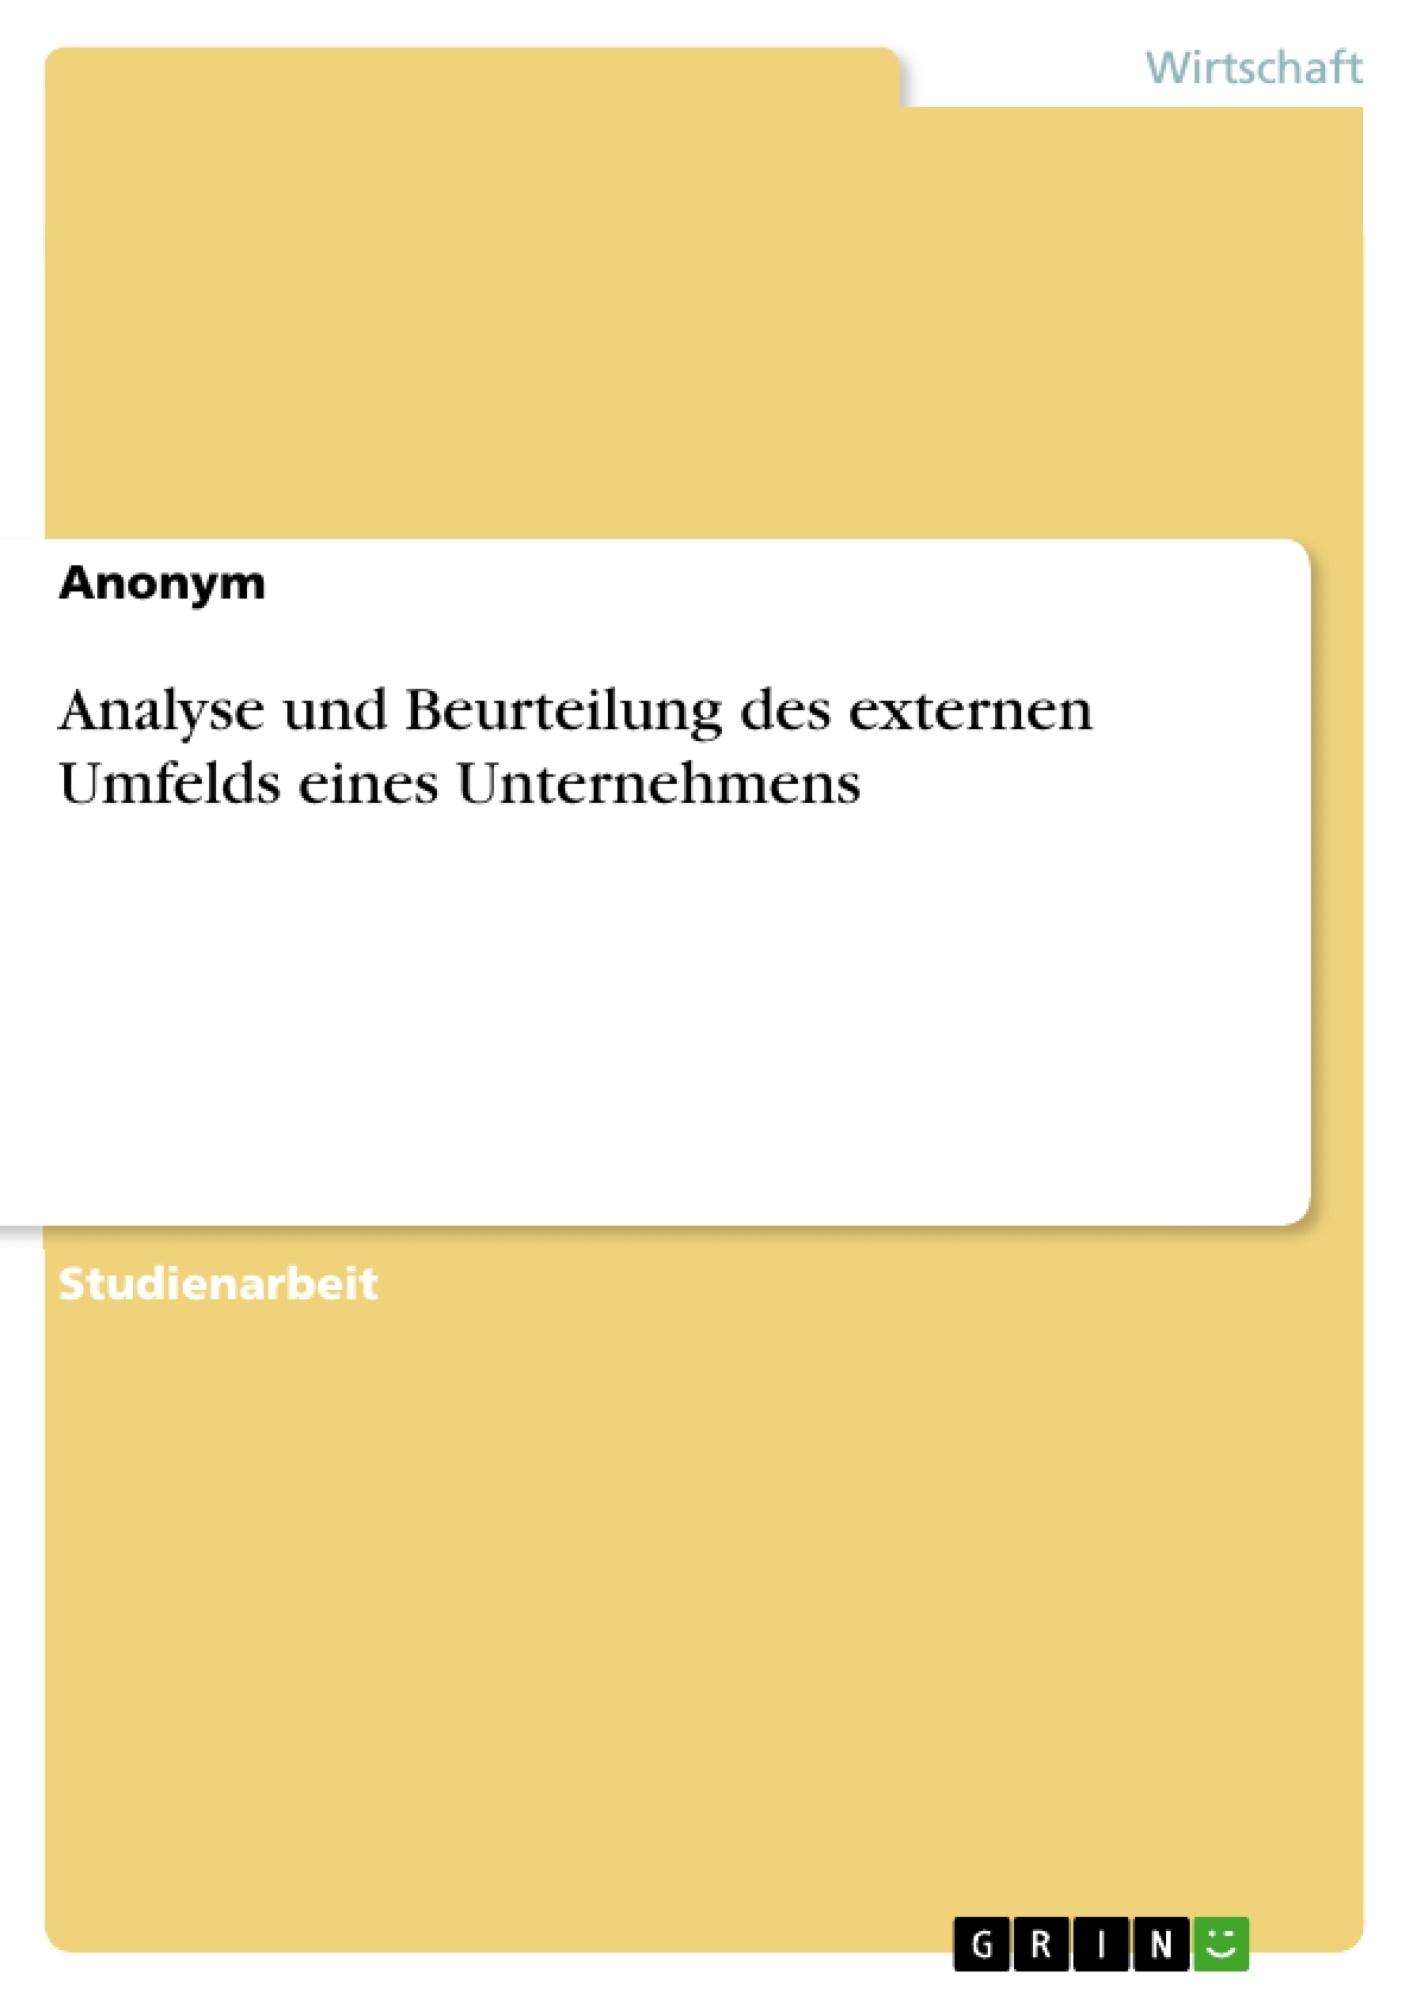 Titel: Analyse und Beurteilung des externen Umfelds eines Unternehmens